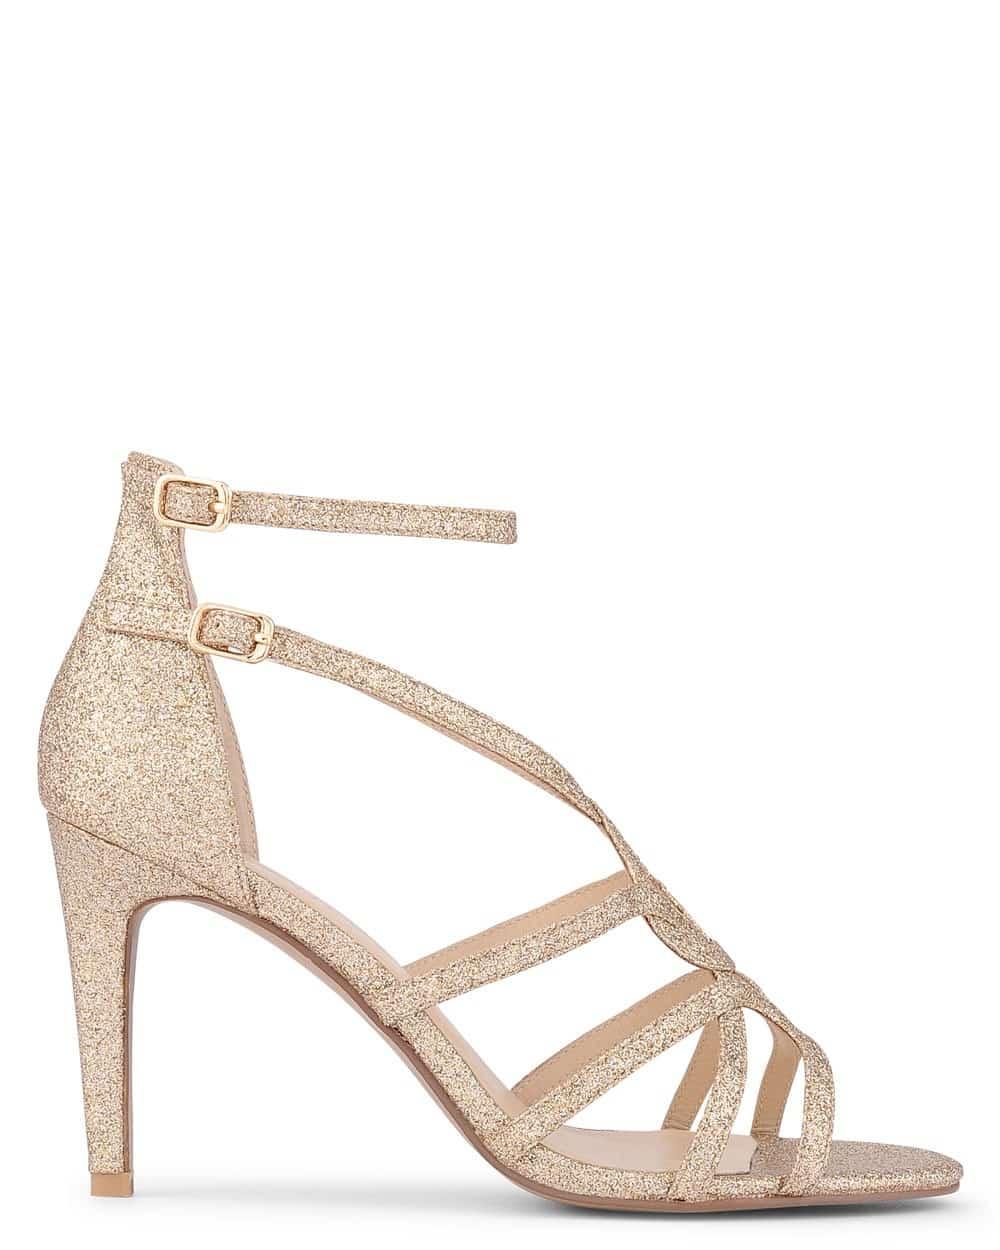 sandals-mila minelli